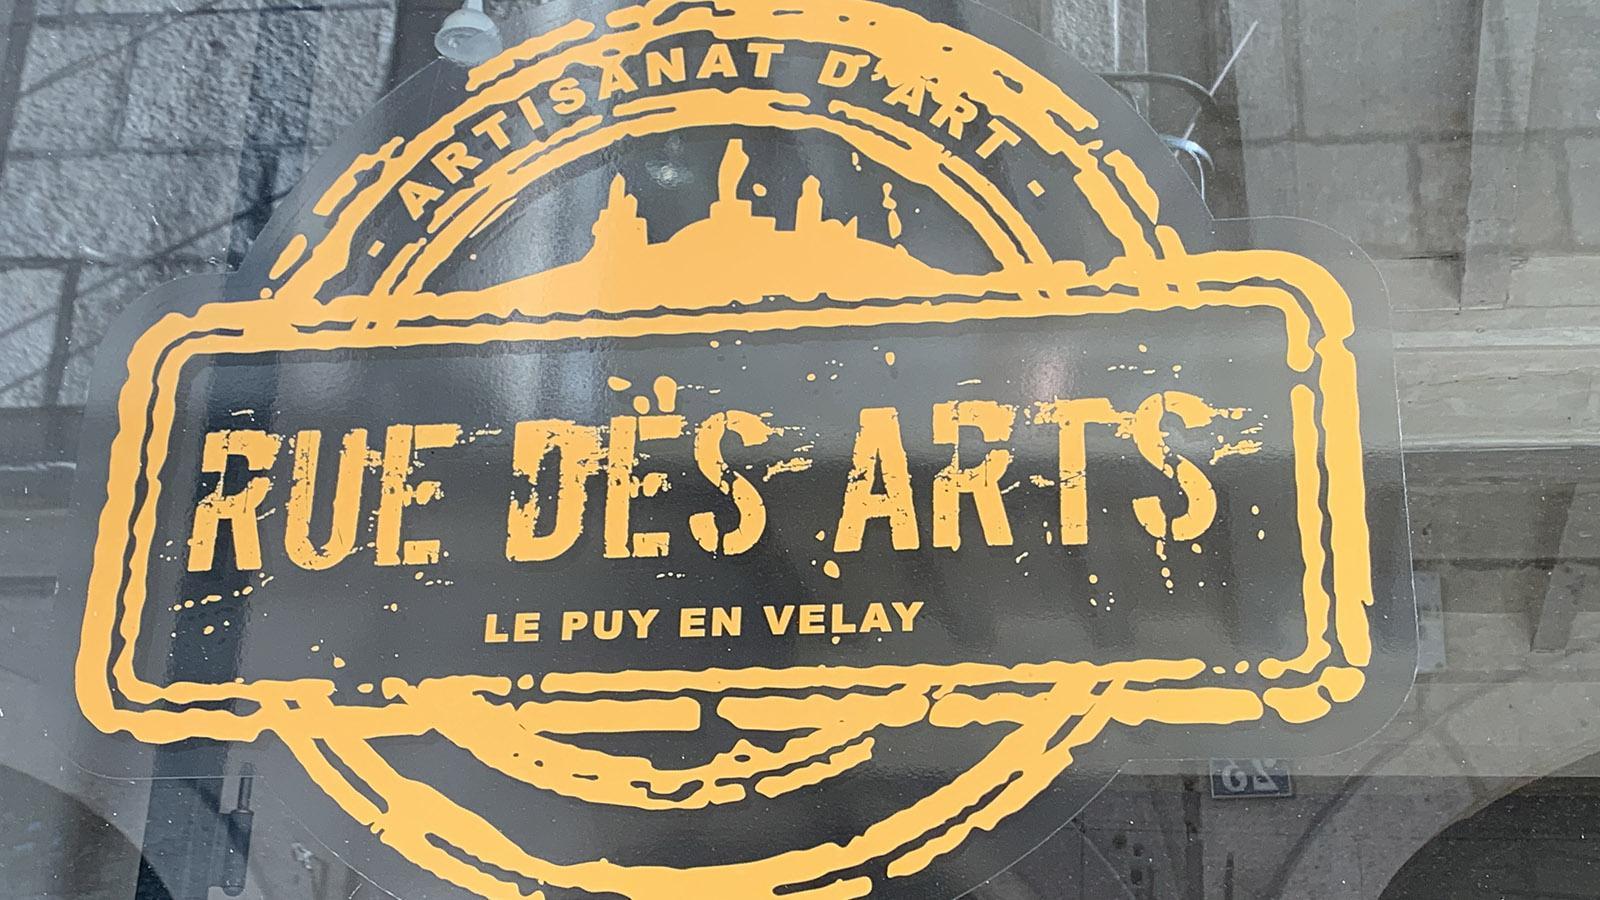 Le Puy-en-Velay: Rue des Arts. Foto: Hilke Maunder